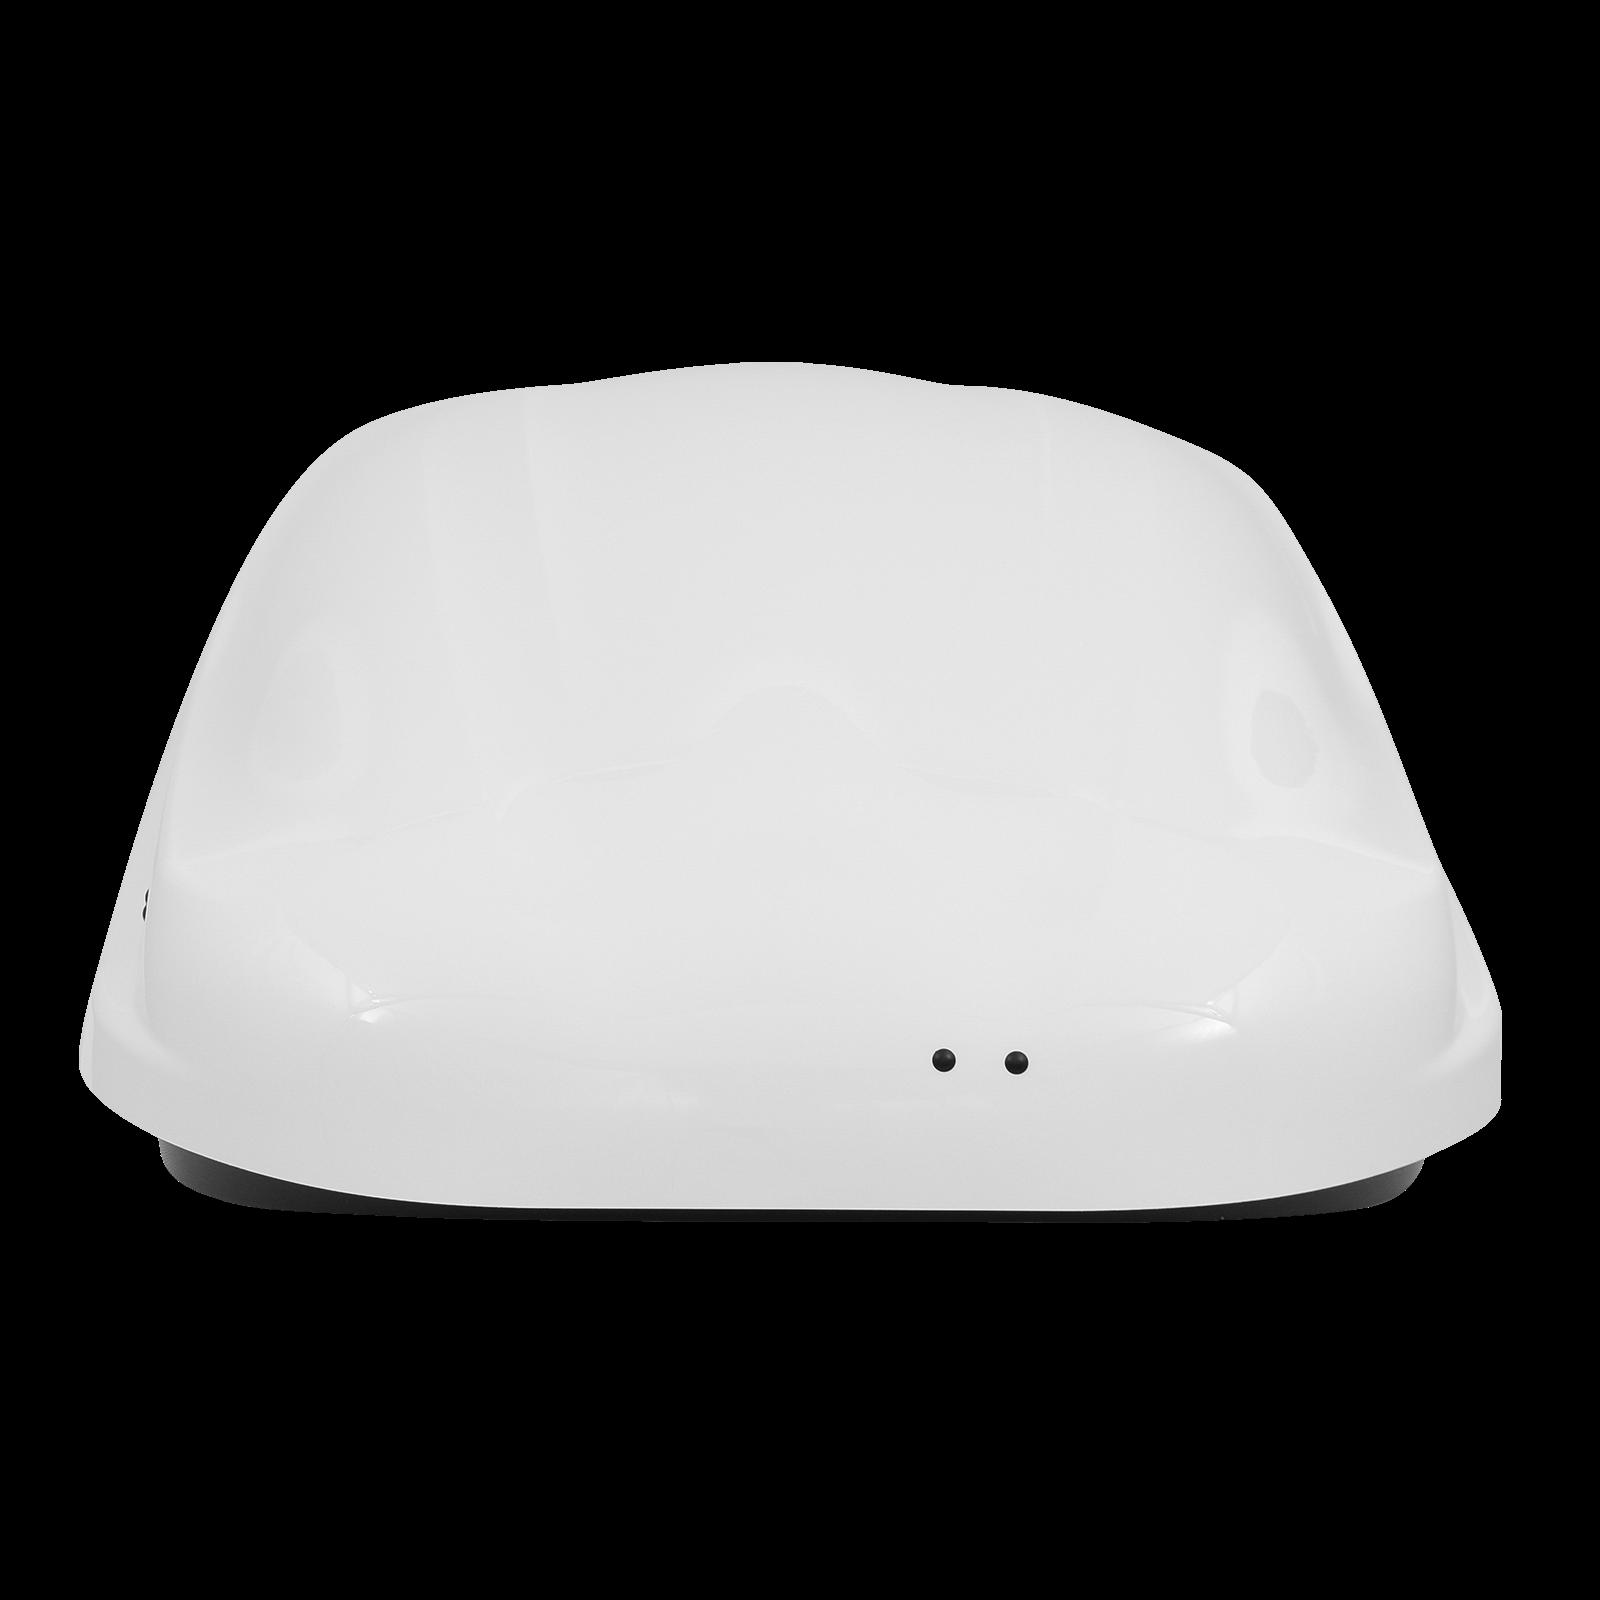 Dachbox Junior Altro 370 weiß glänzend - Bild 3